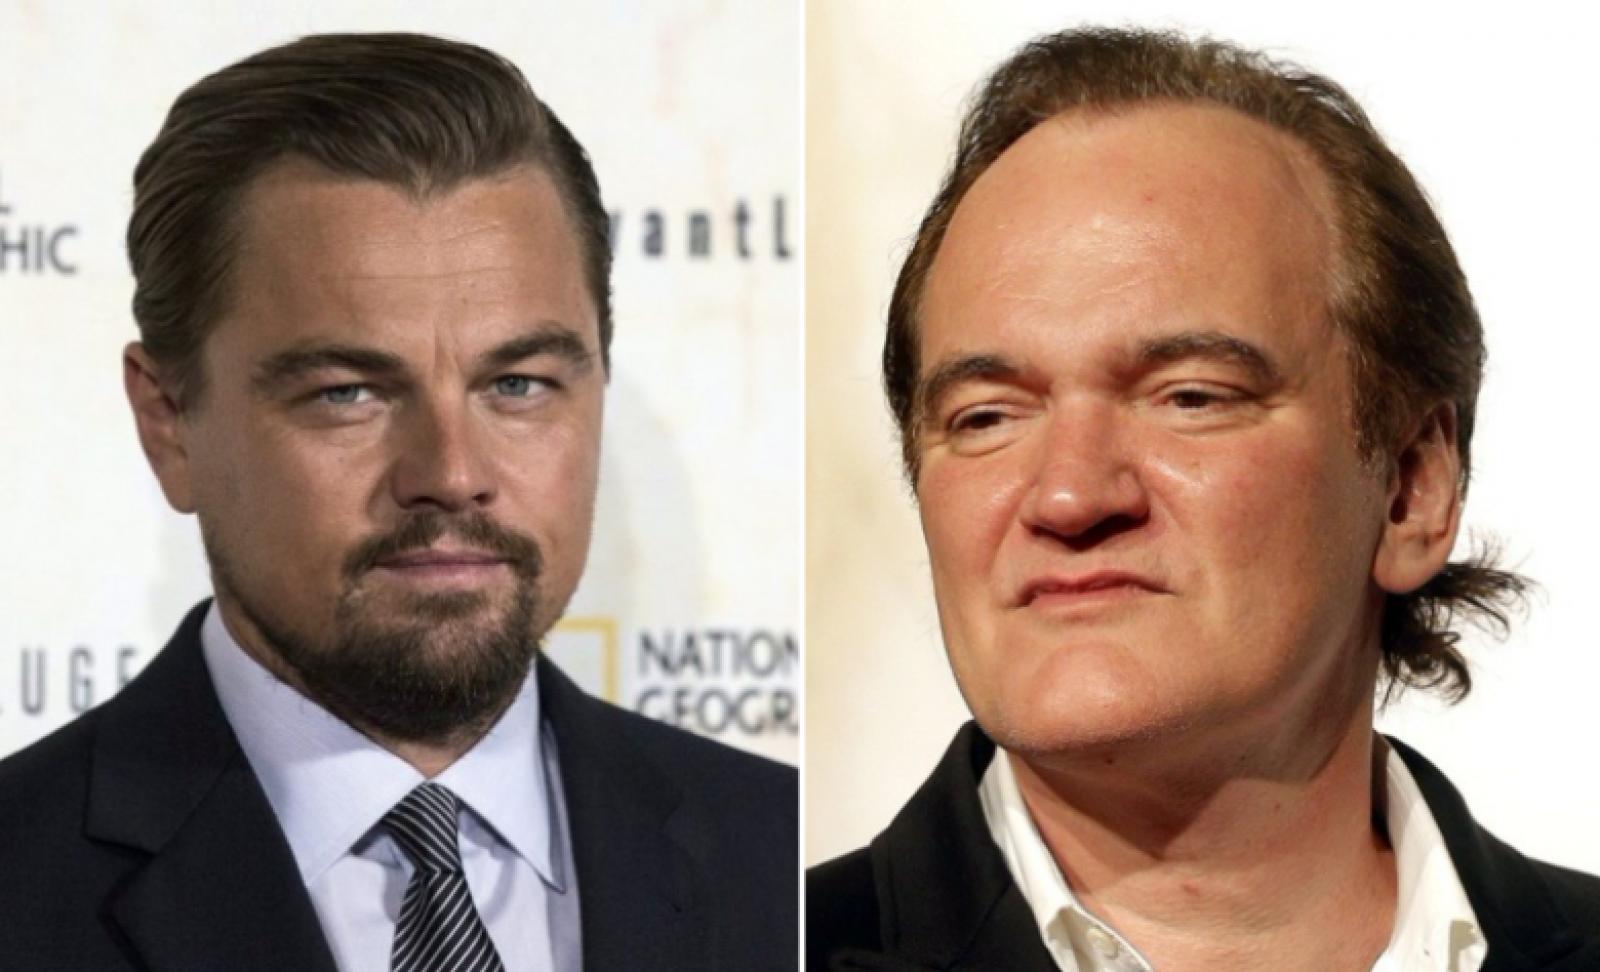 Leonardo DiCaprio ar putea juca într-un film de-al lui Quentin Tarantino despre secta lui Charles Manson